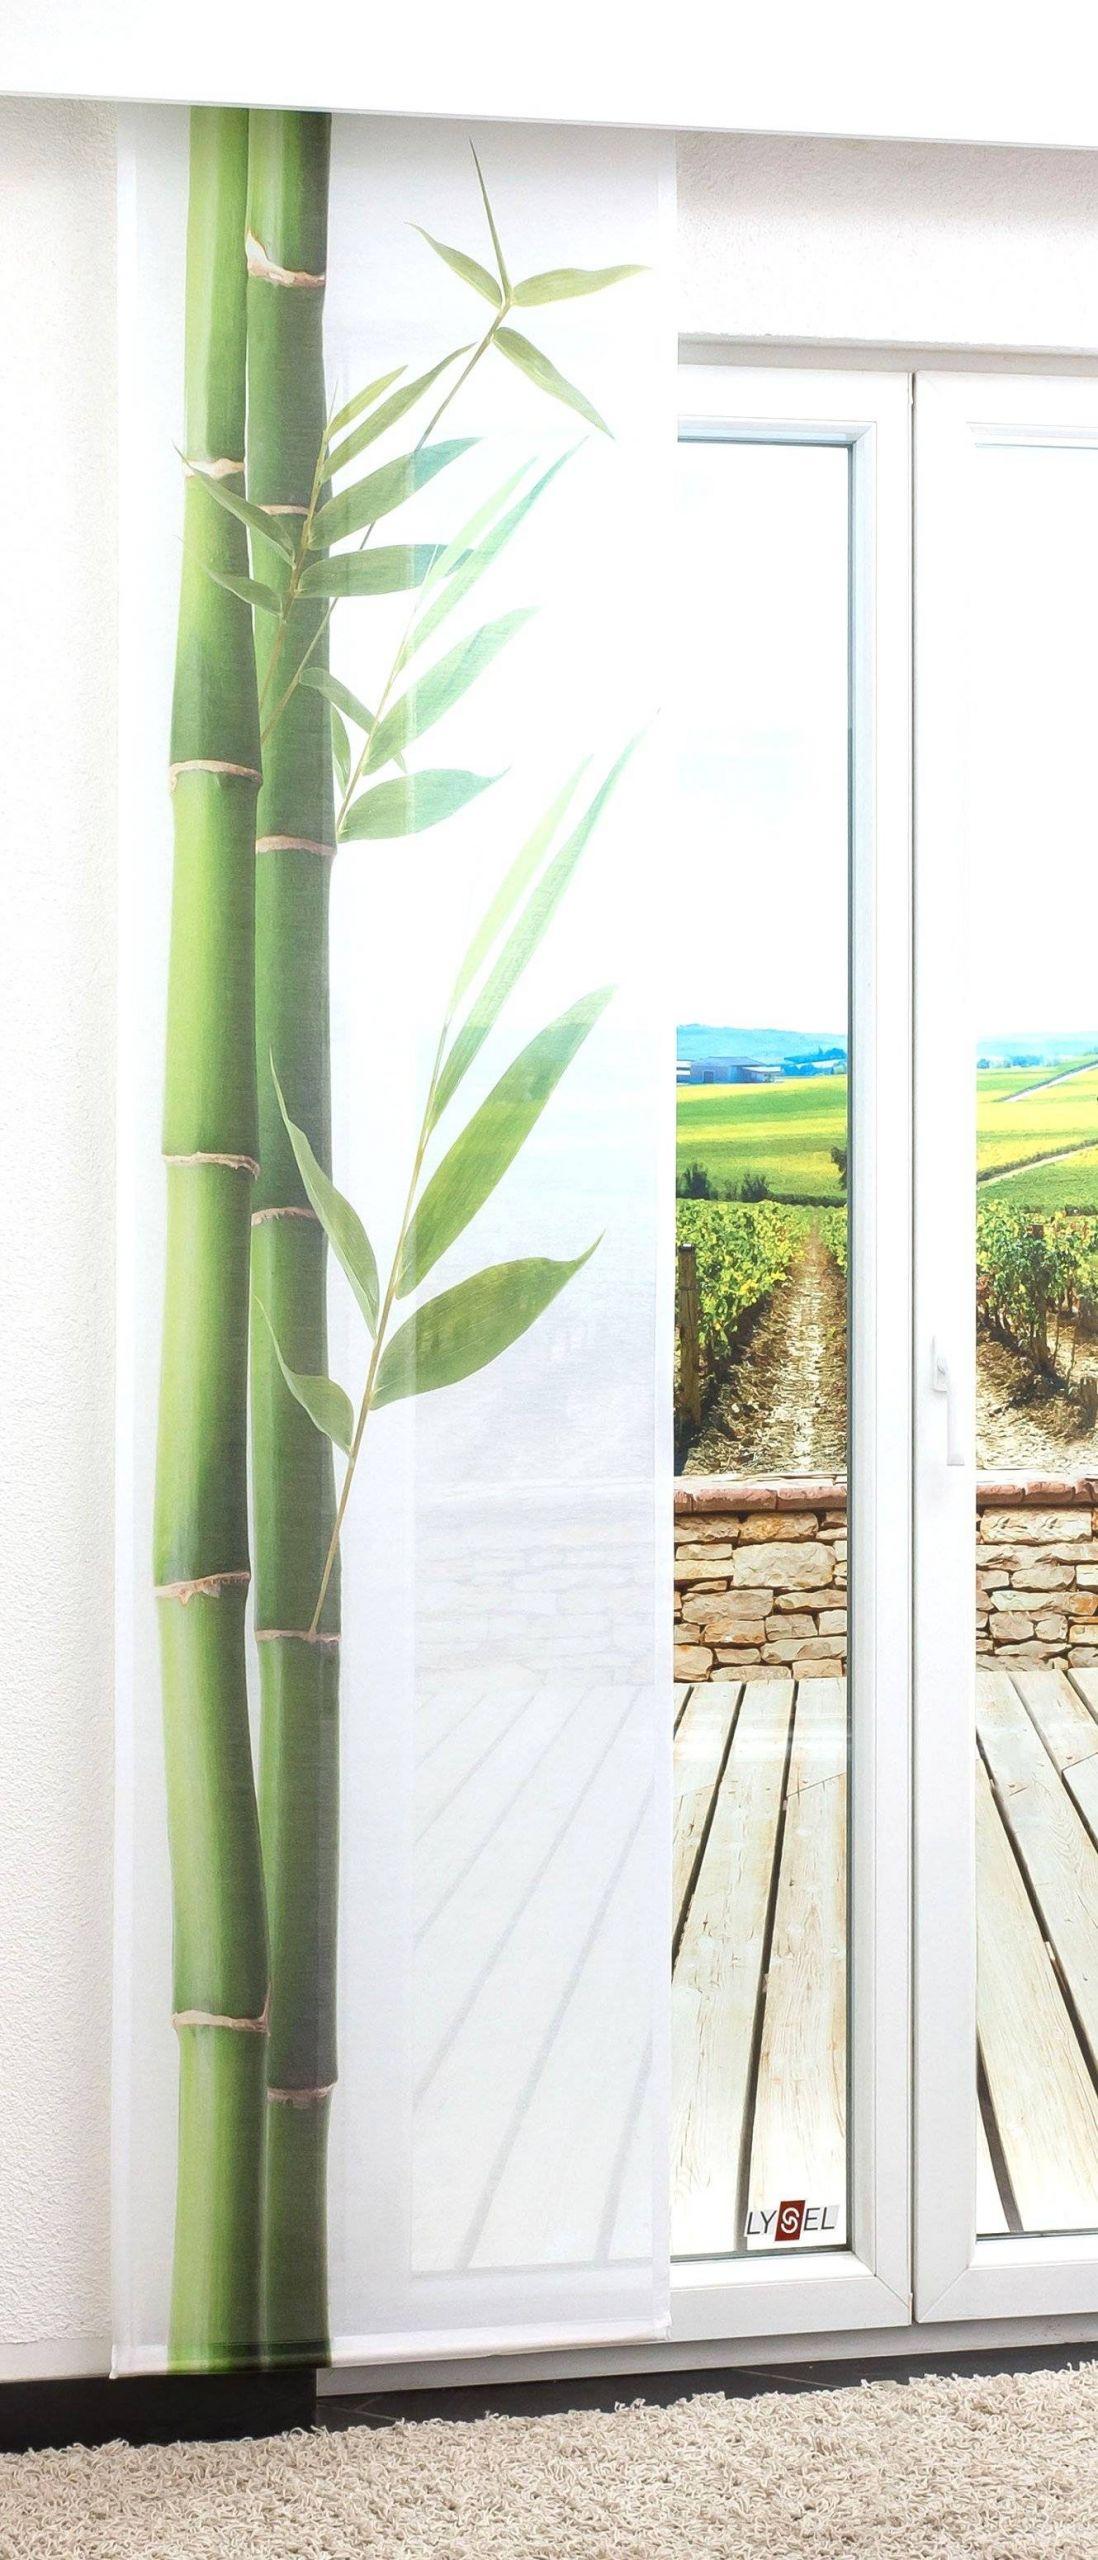 pflanzen wohnzimmer ideen elegant pflanzen garten kaufen luxus interessant schiebegardine bambusart 0d of pflanzen wohnzimmer ideen